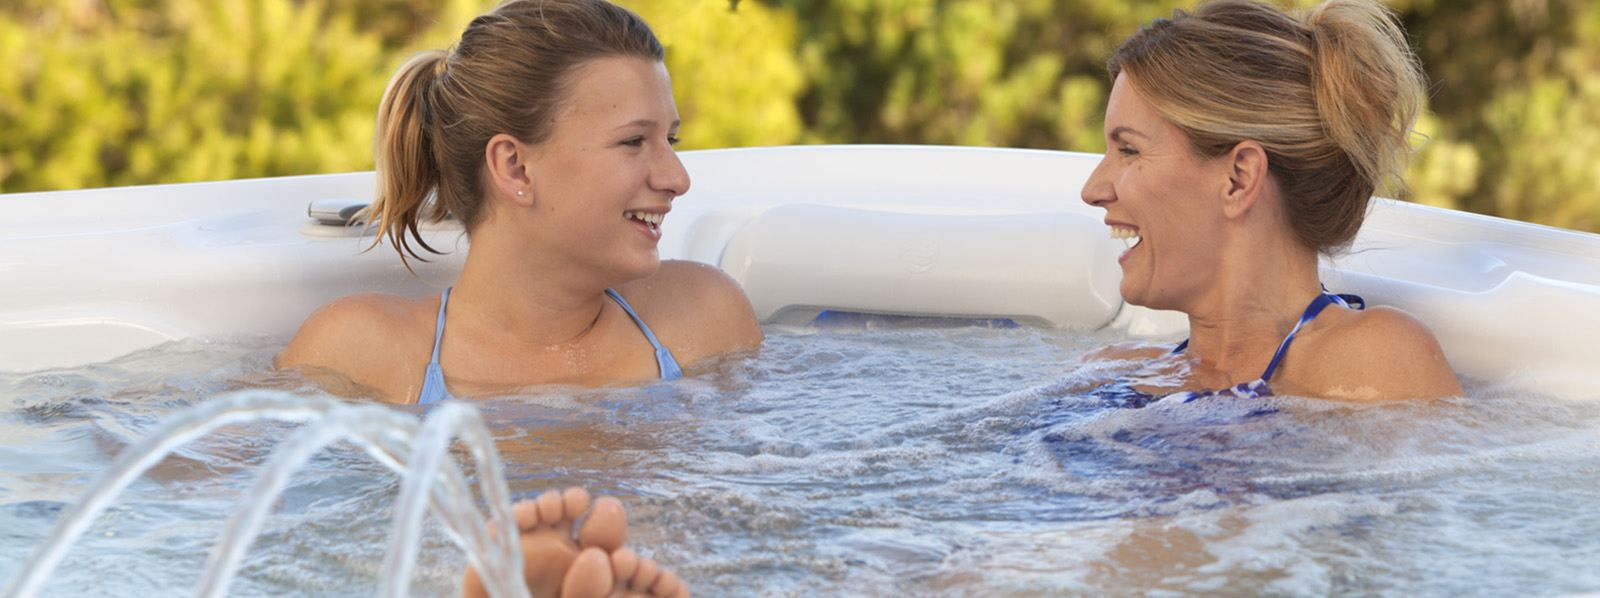 Kaip išsirinkti masažinį baseiną kuris tiktų būtent jums